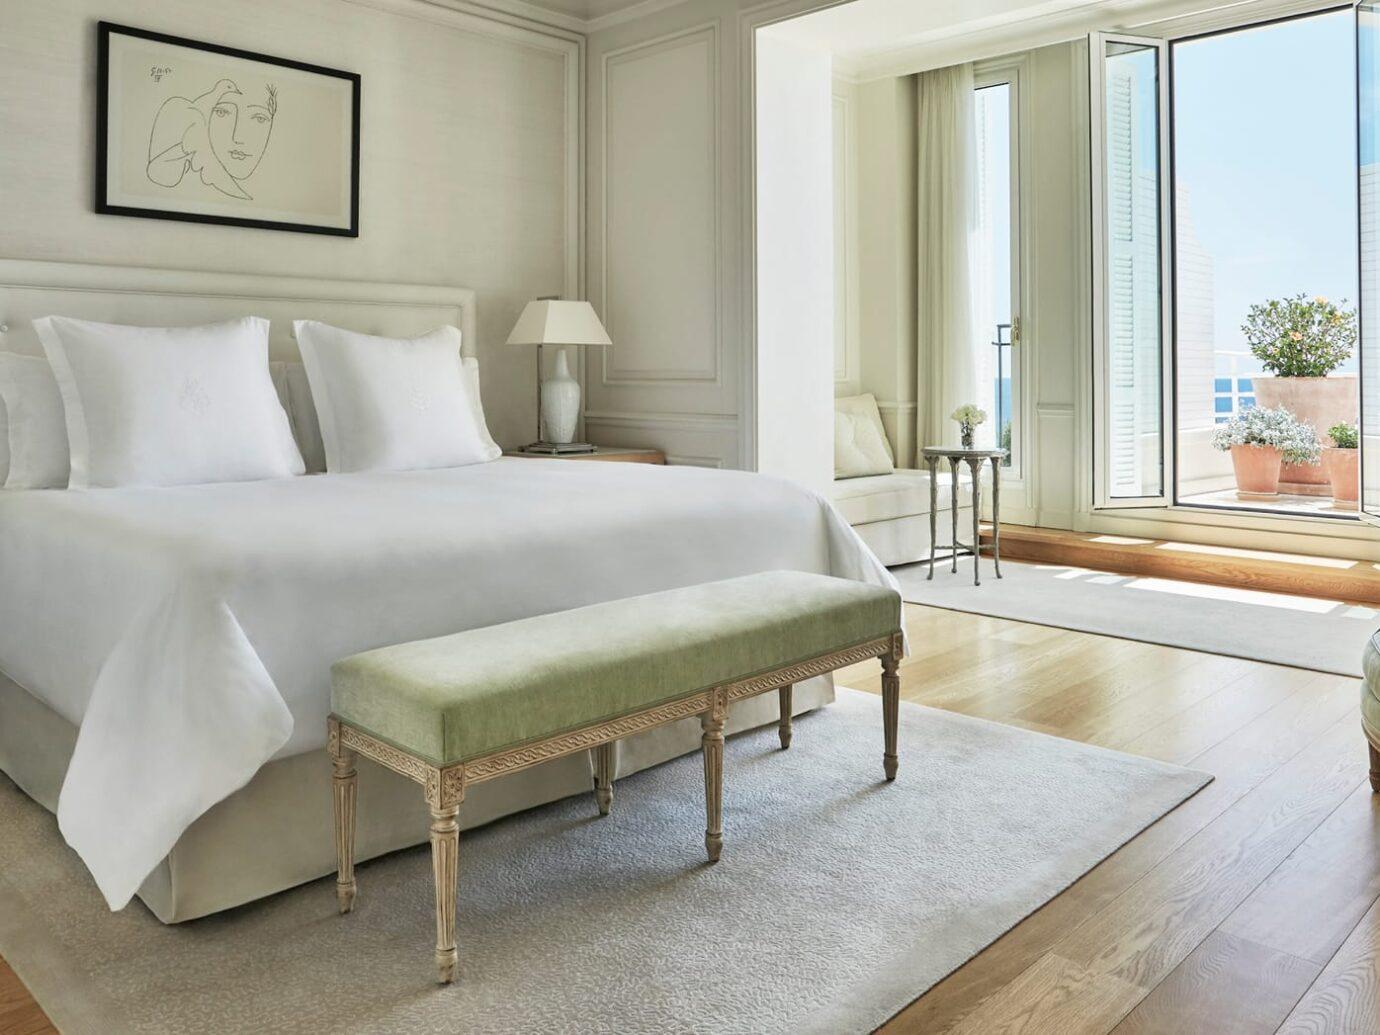 Bedroom at Grand-Hôtel du Cap-Ferrat